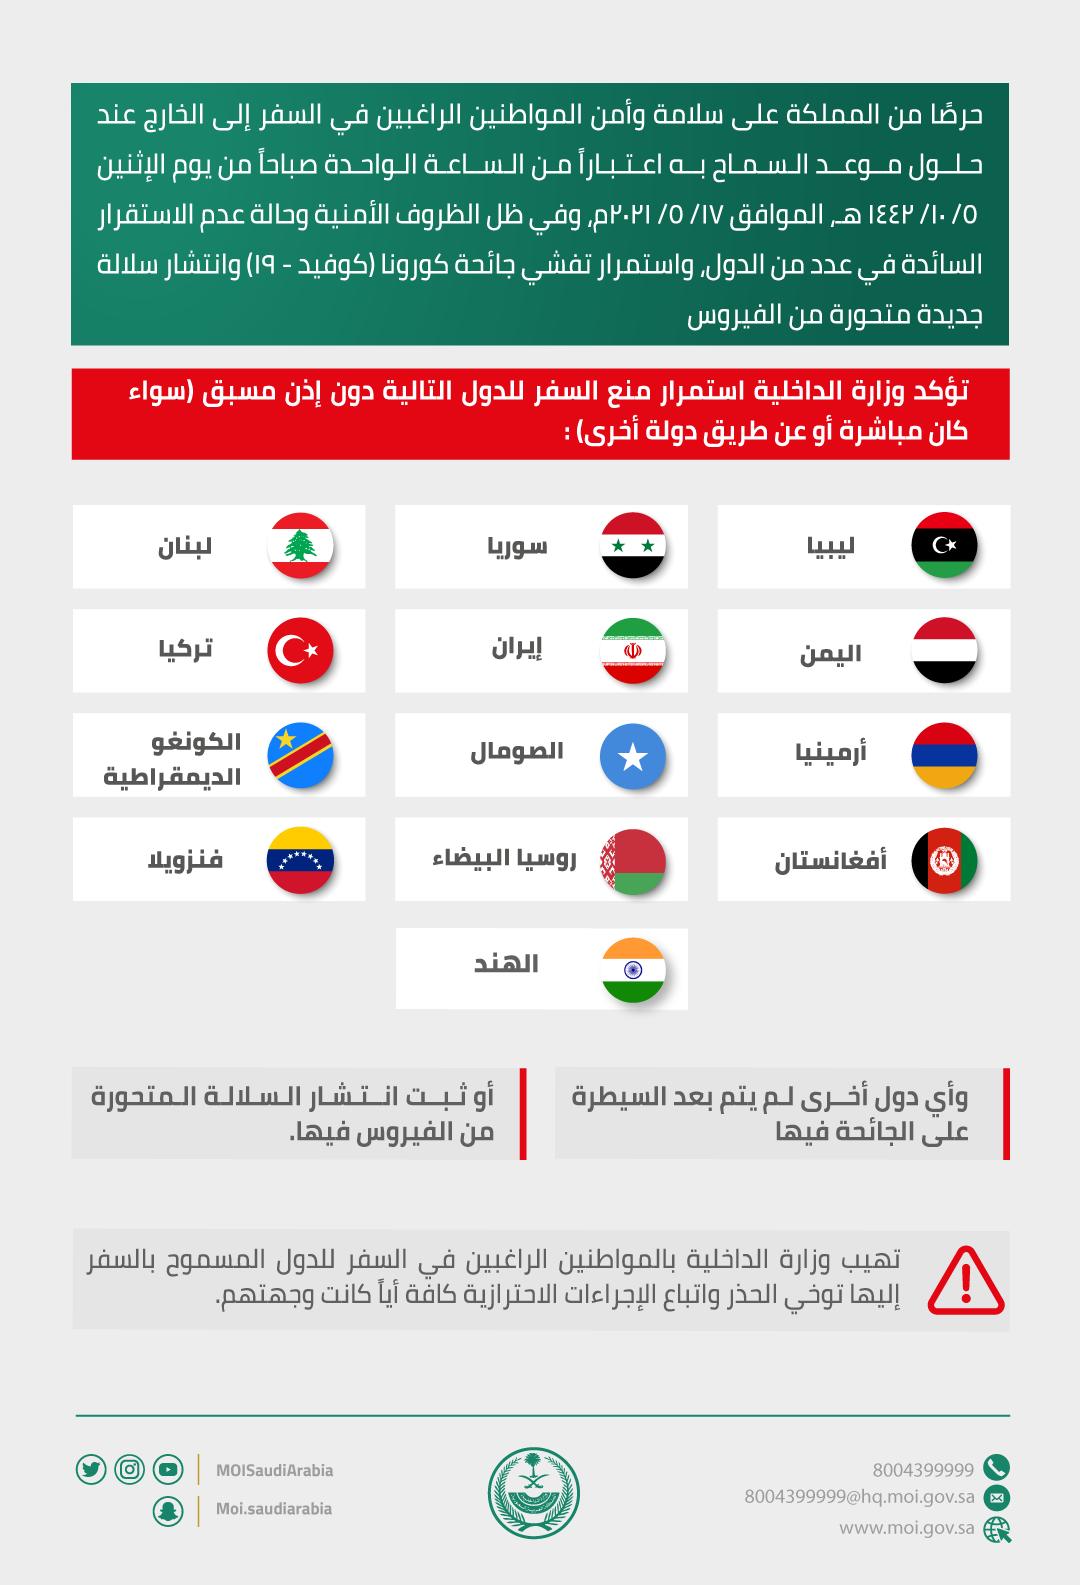 الدول الغير مسموح السفر إليها